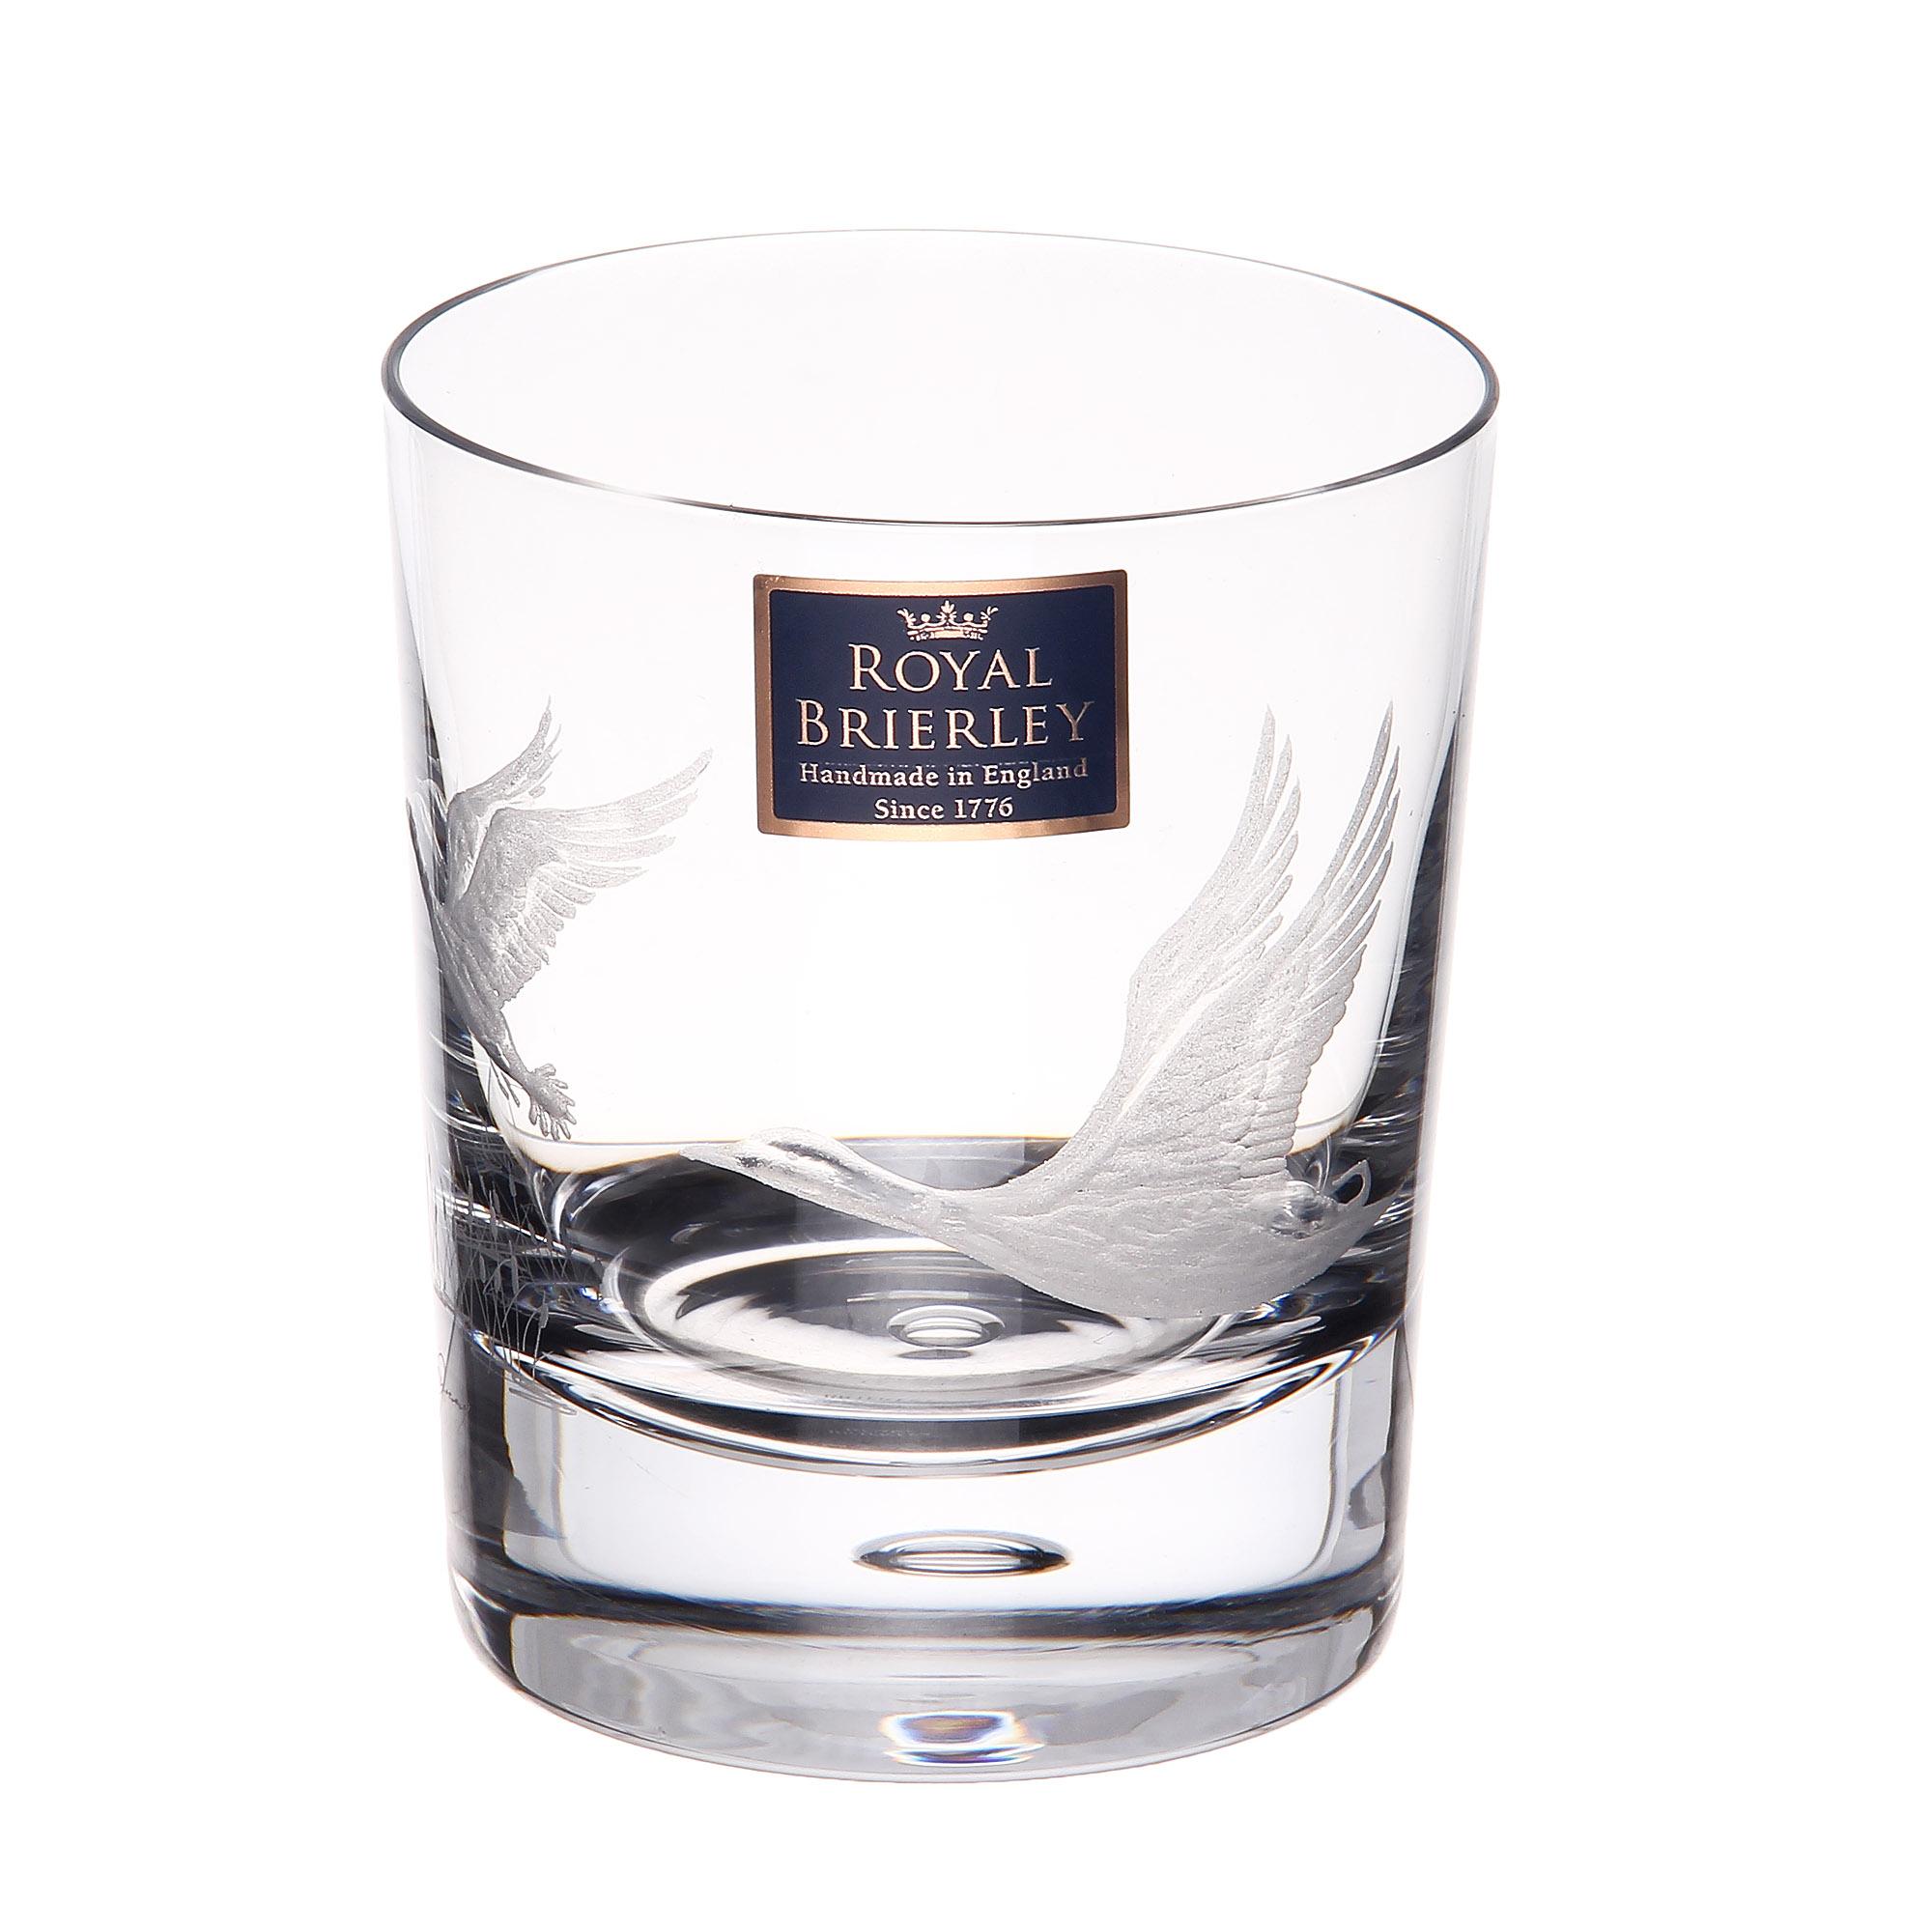 Купить Стакан для виски Dartington crystal engraved утки 300мл, Великобритания, хрусталь ручной работы (24% свинца)